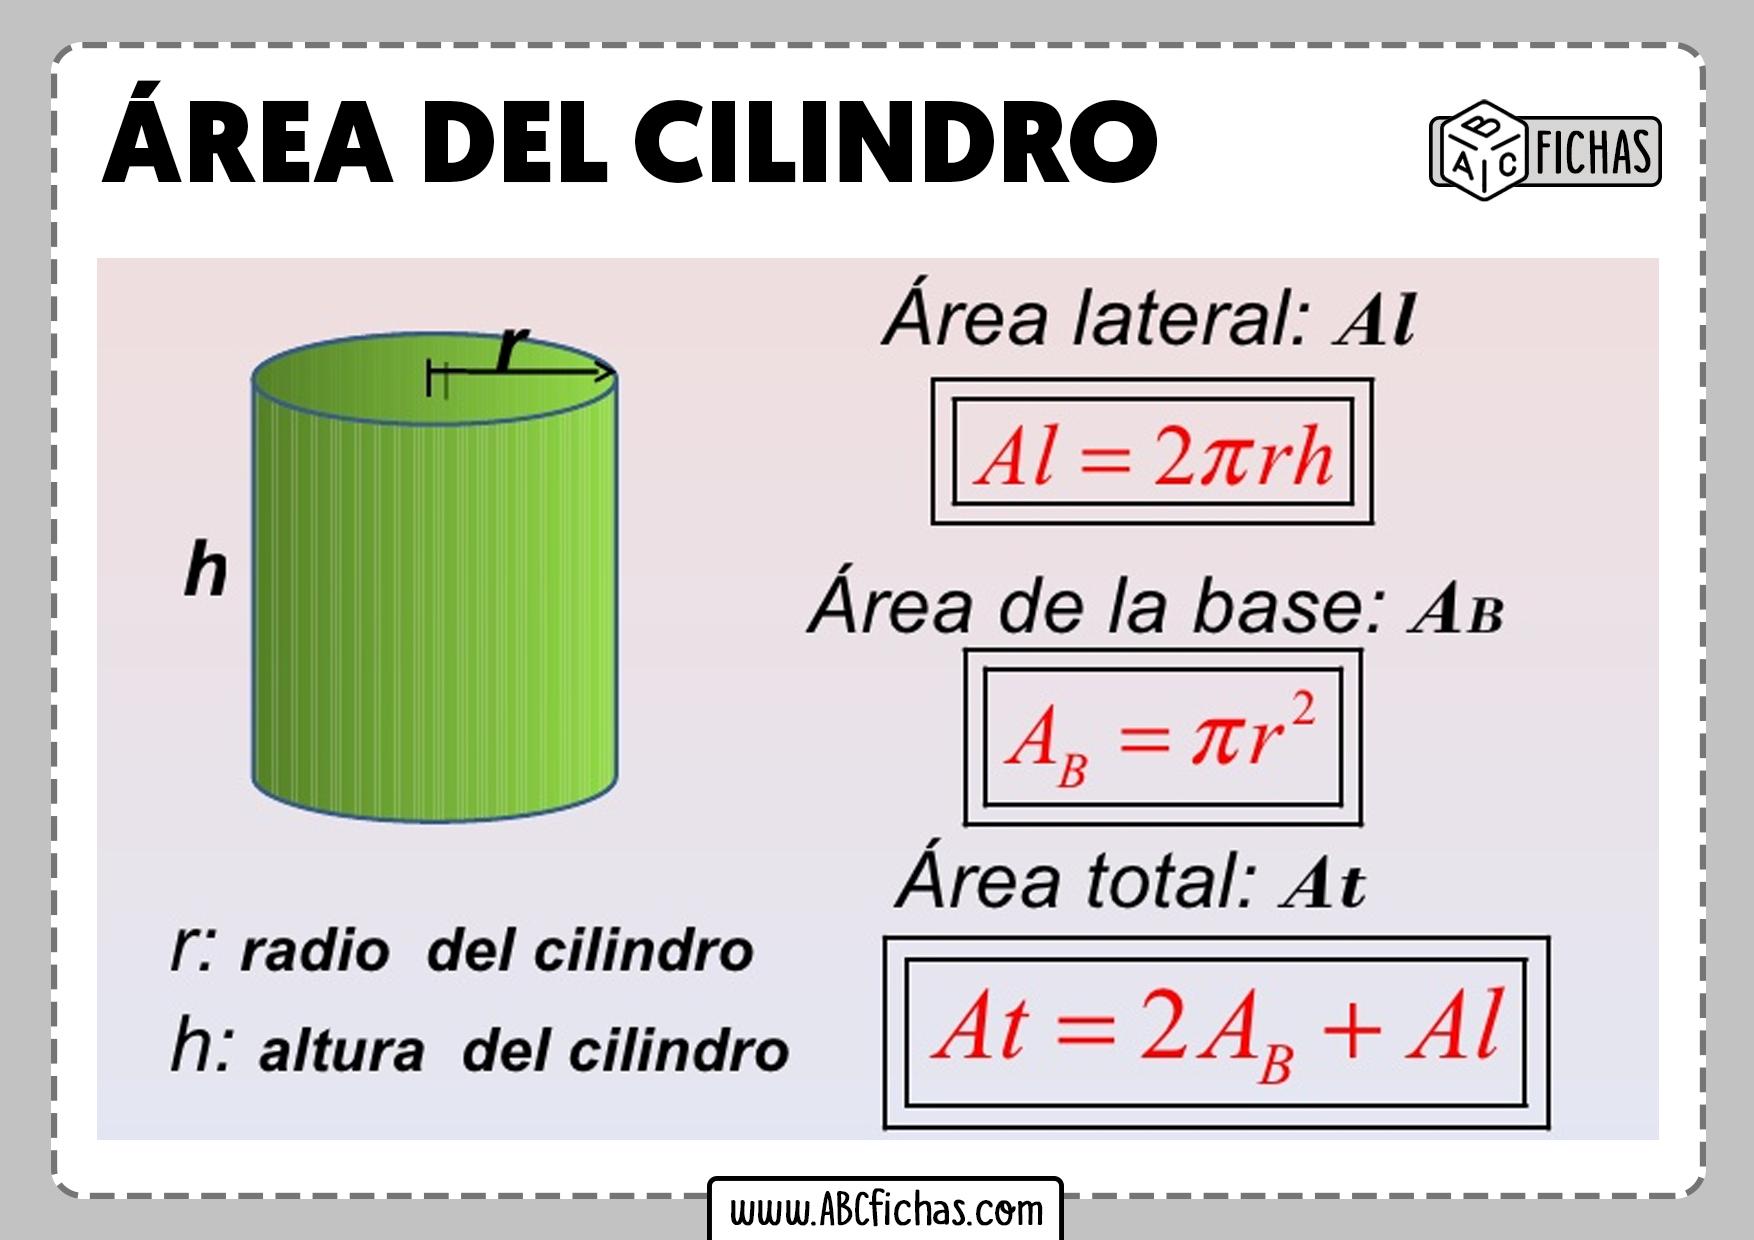 Como calcular el area del cilindro